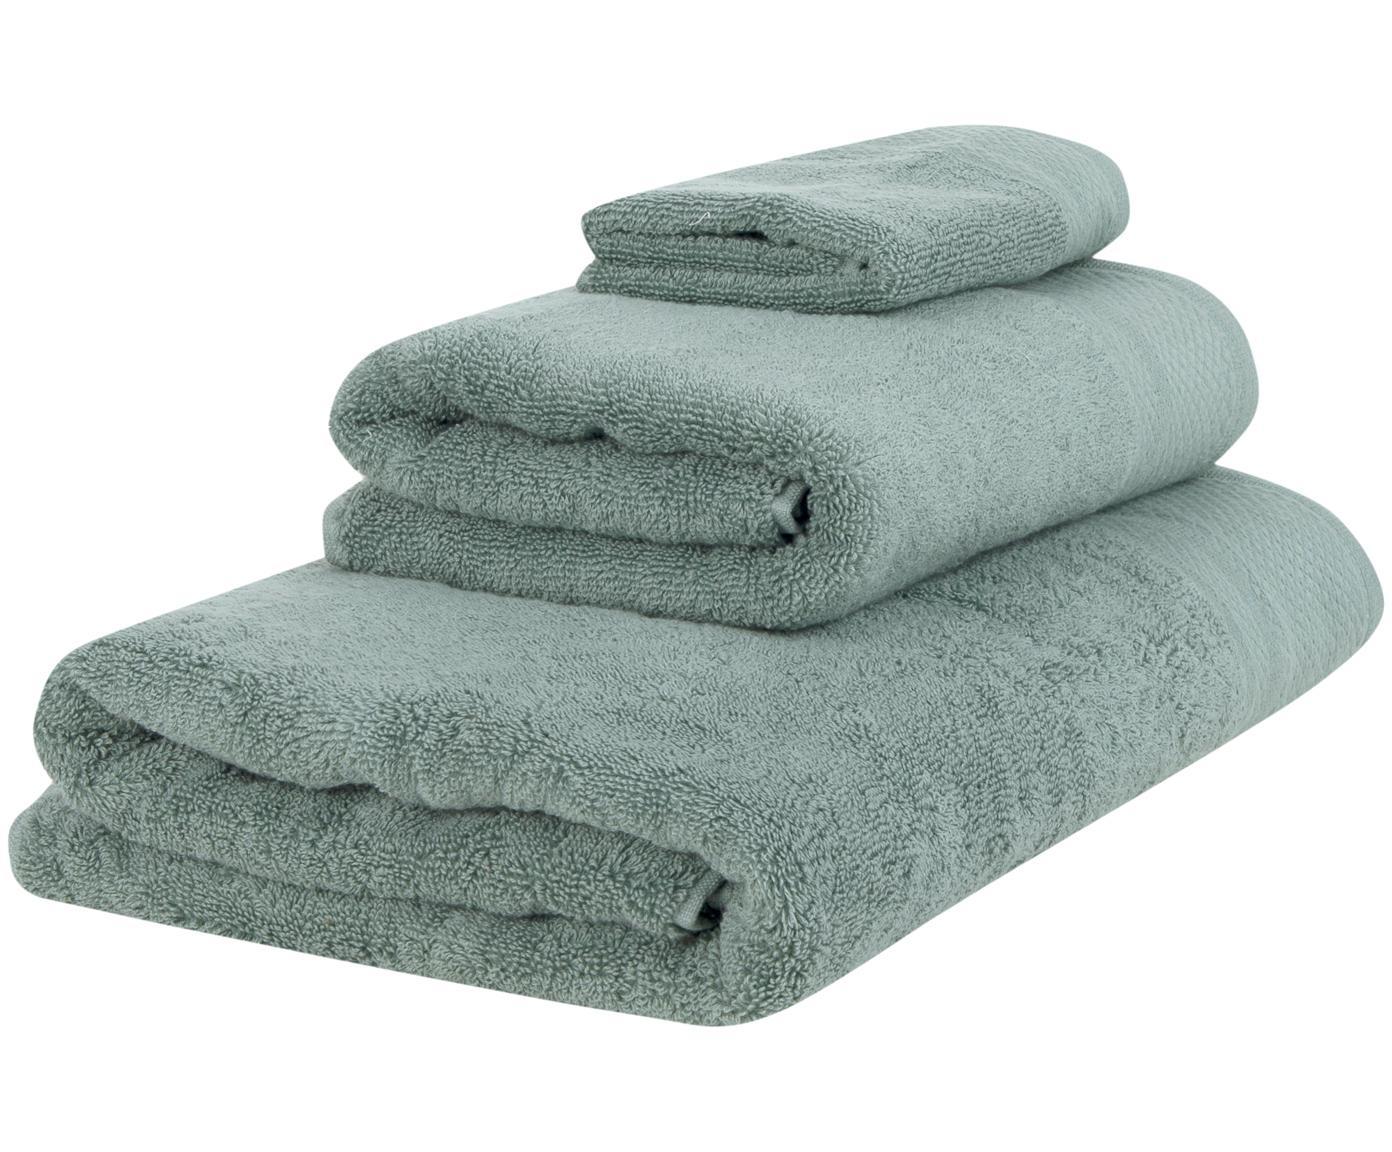 Komplet ręczników Premium, 3 elem., 100% bawełna, Wysoka gramatura 600 g/m², Szałwiowy zielony, Różne rozmiary